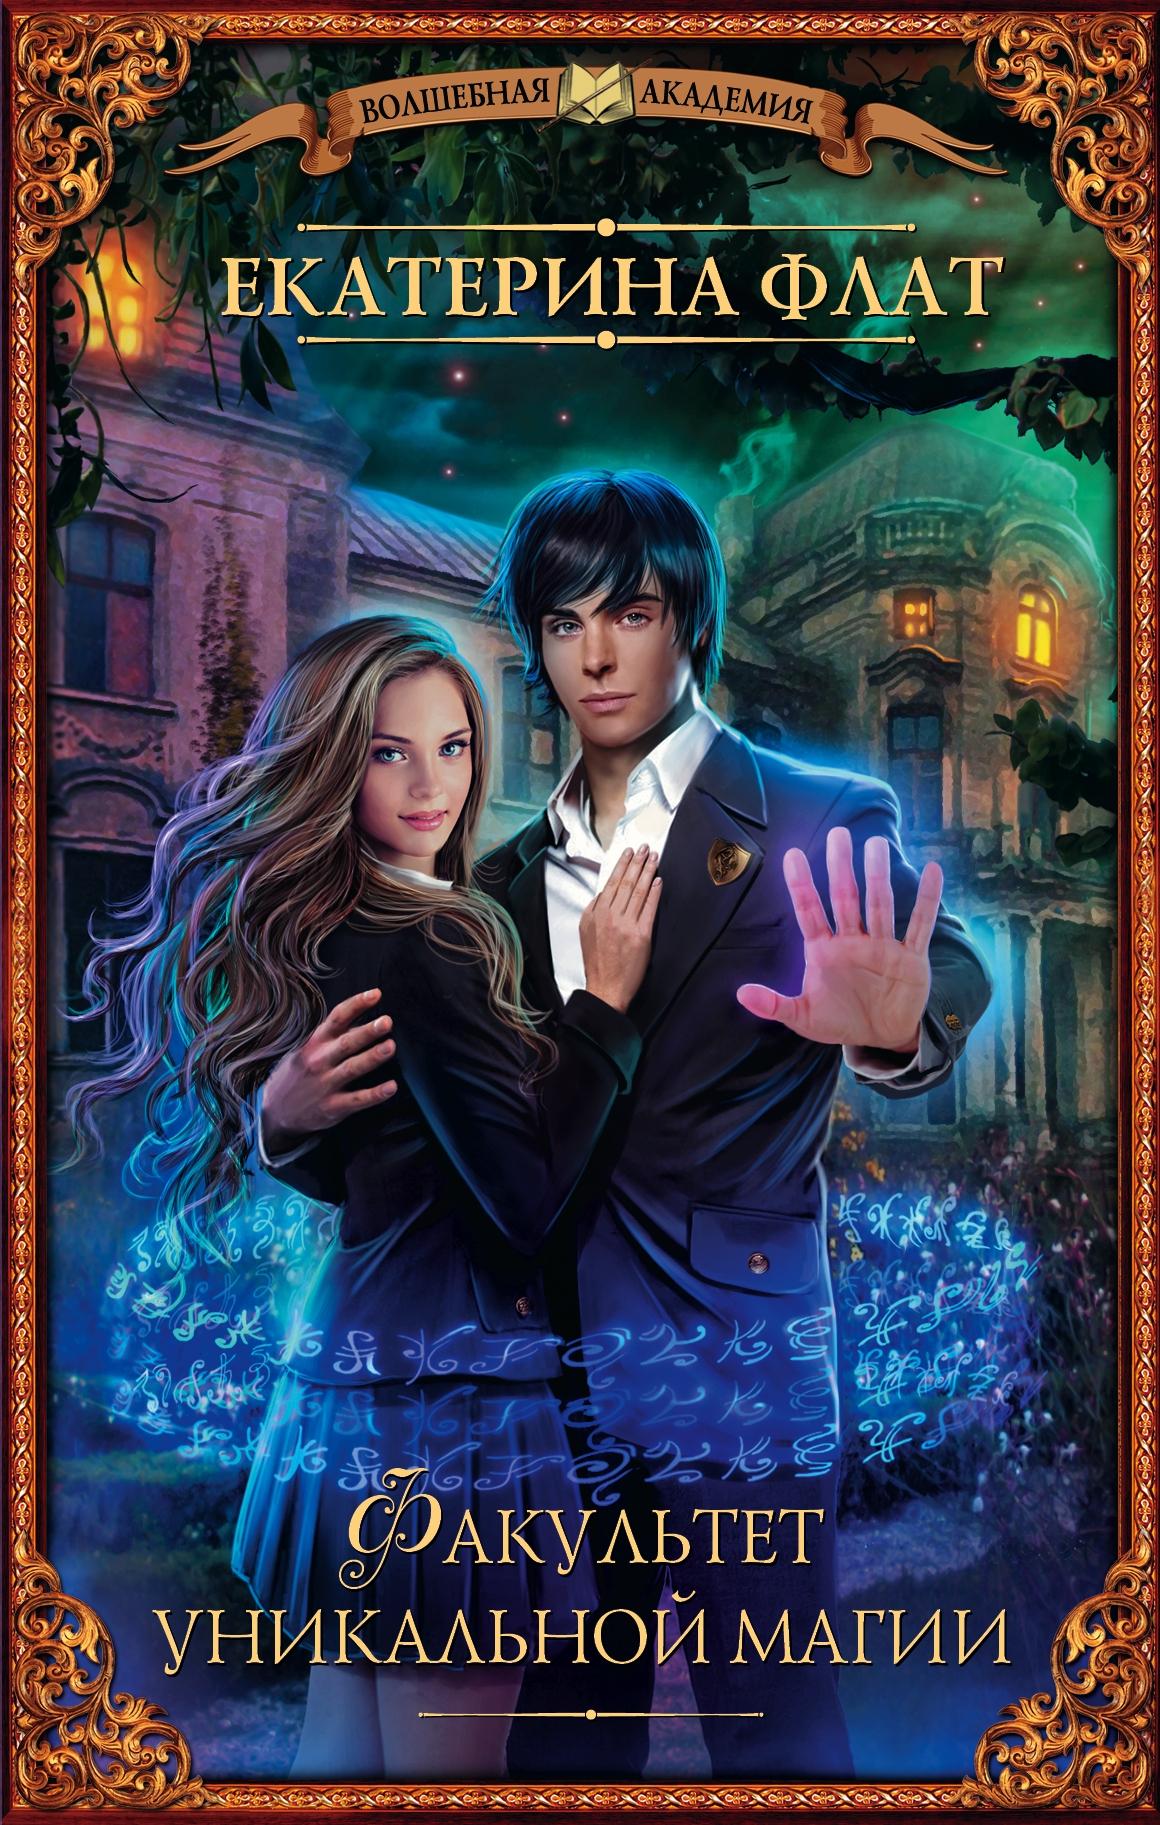 Книги фэнтези про магические академии скачать бесплатно